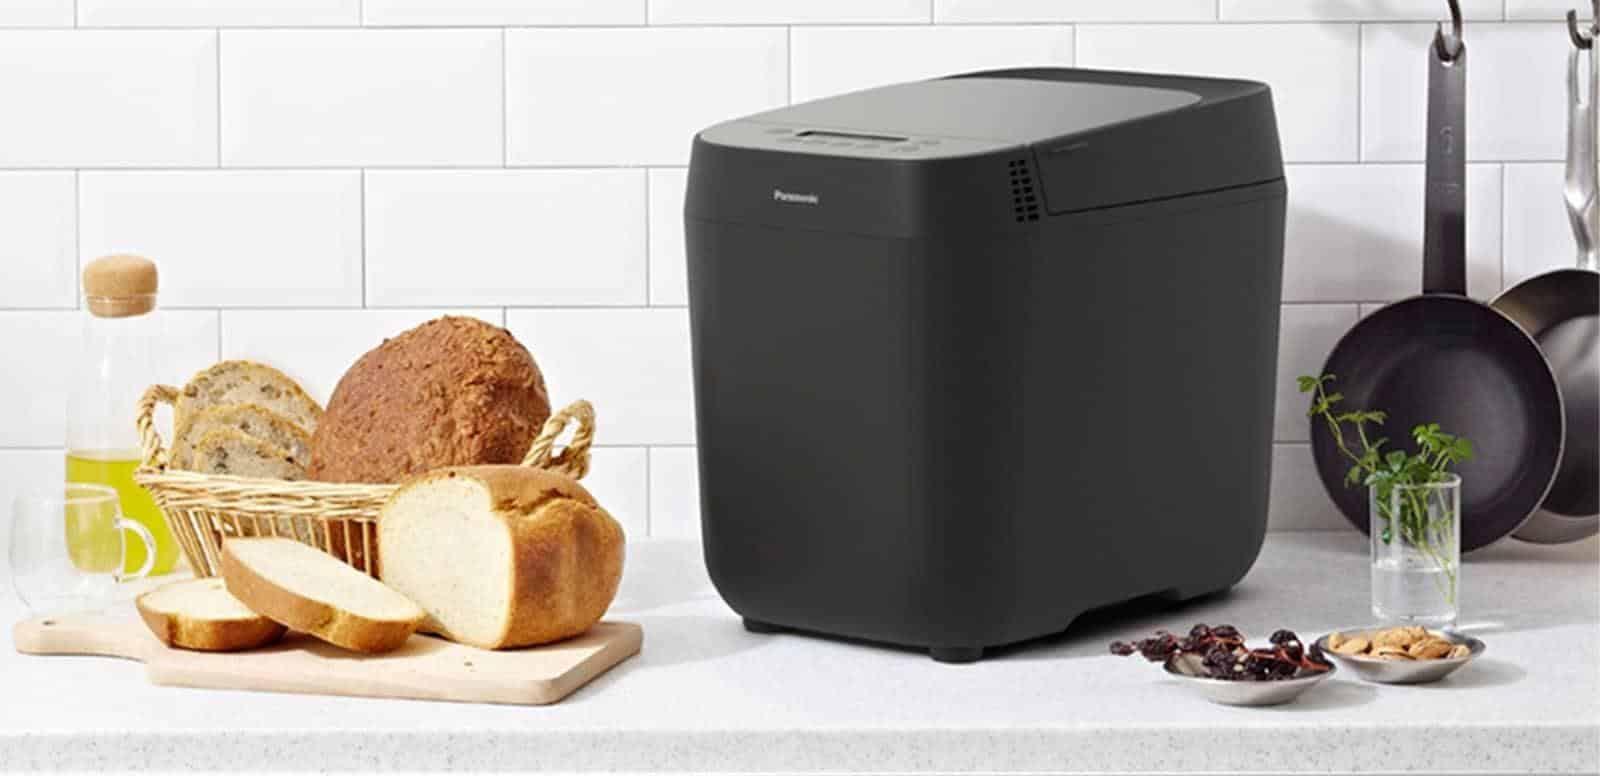 Máy làm bánh mì Panasonic với mức giá gần 6.000.000 đồng - khá chát nhưng chất lượng thì khỏi bàn